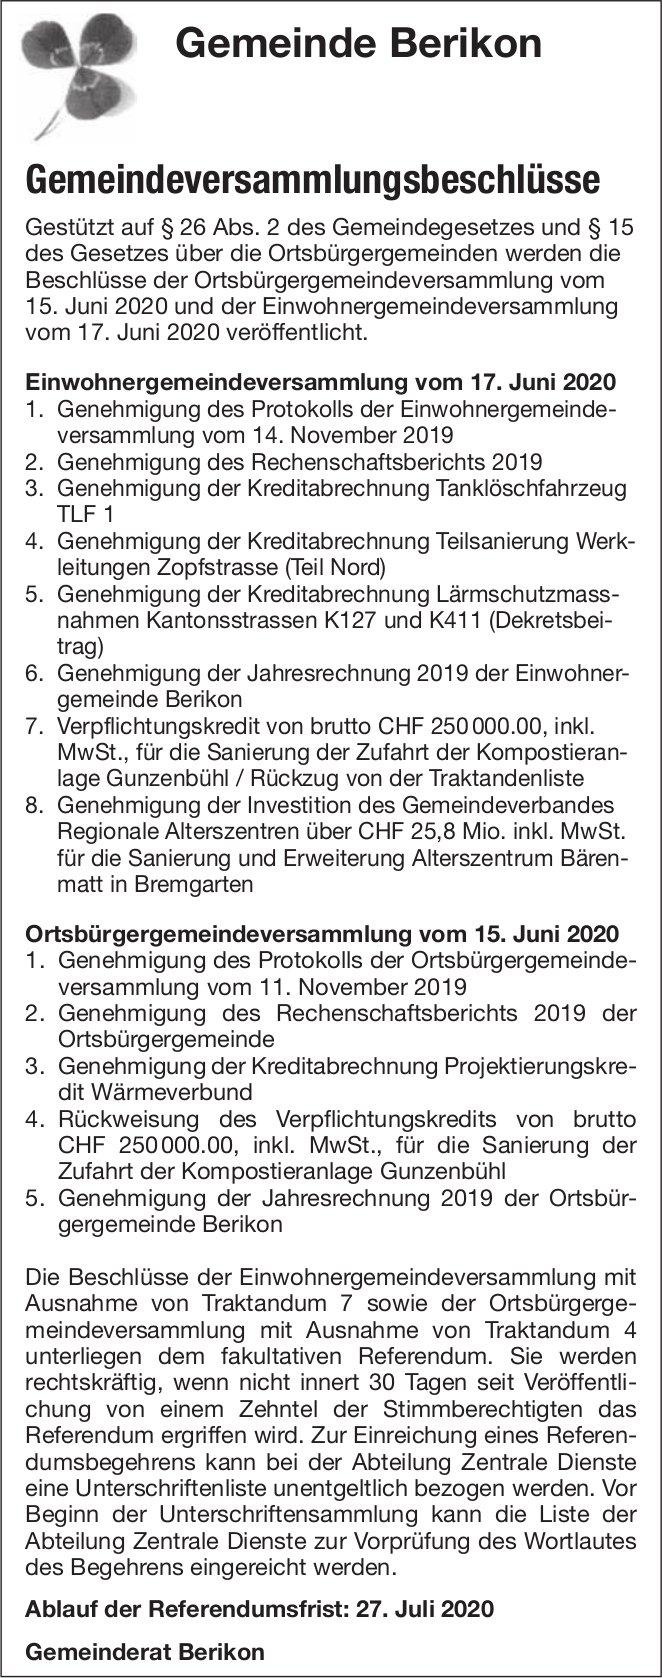 Gemeinde Berikon - Gemeindeversammlungsbeschlüsse